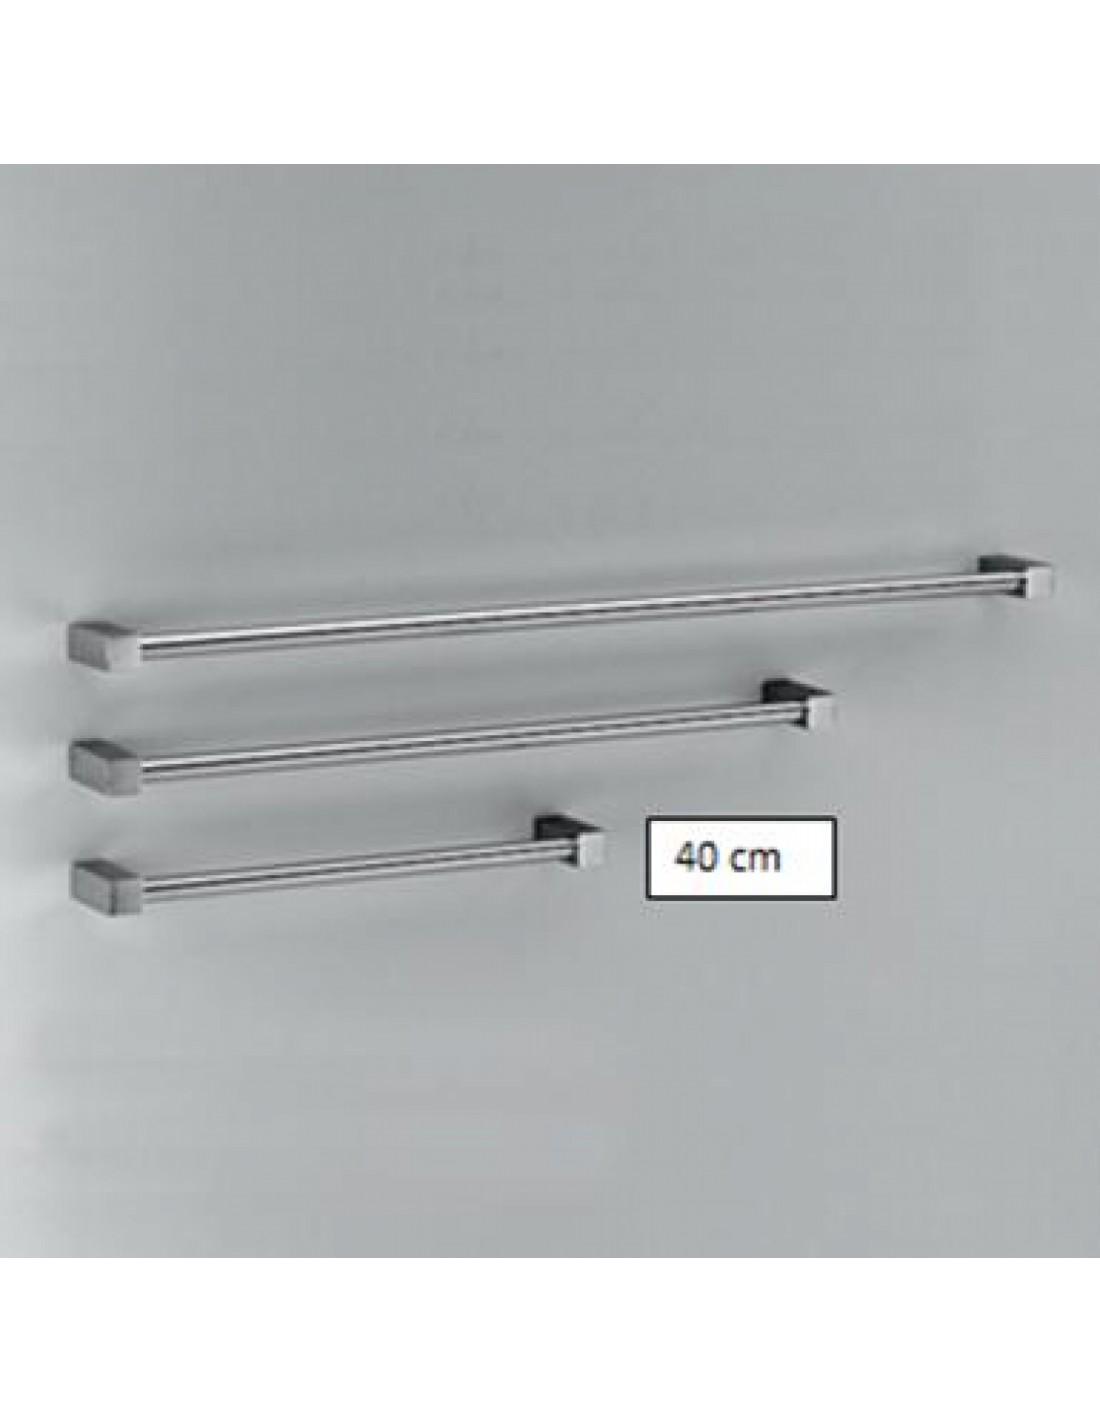 Porte serviette 40 cm bloque for Porte serviette double